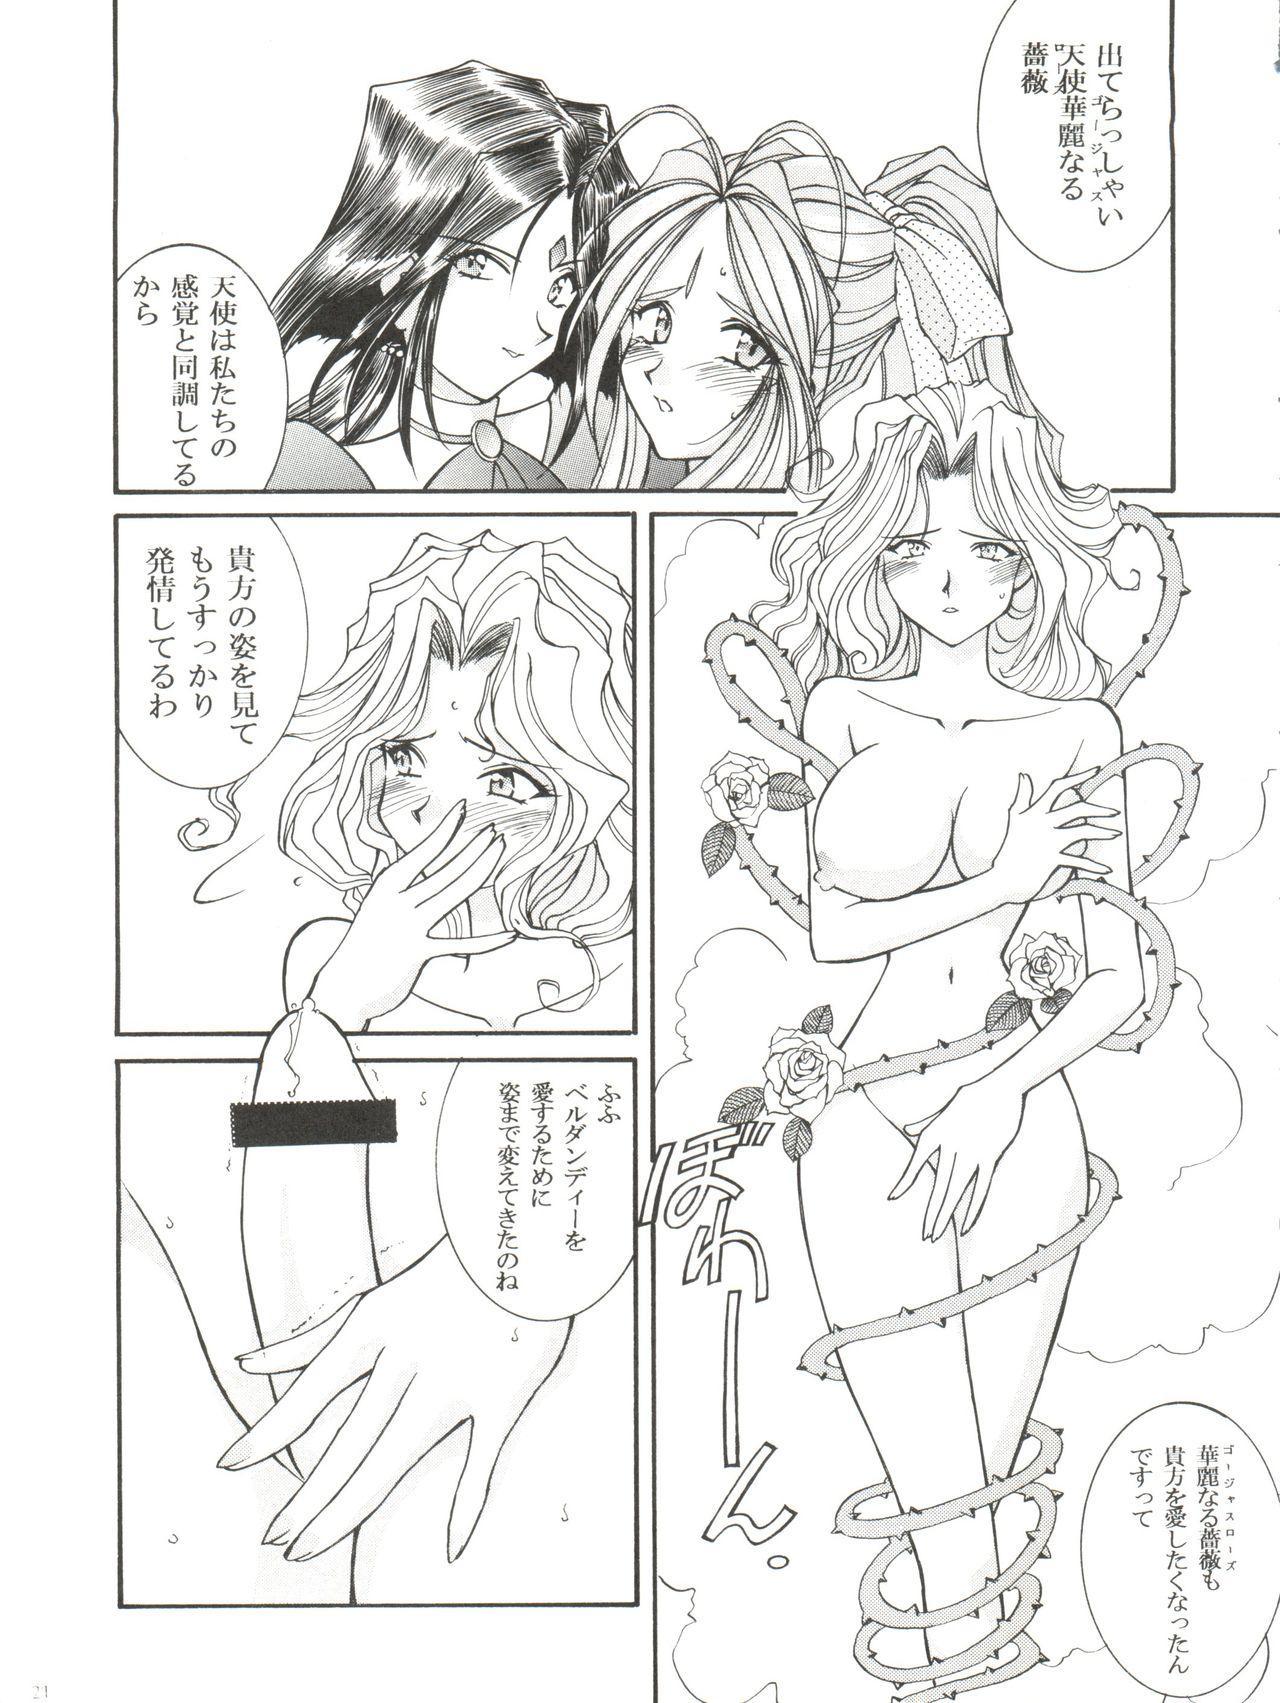 Warau Inu no Seikatsu 20